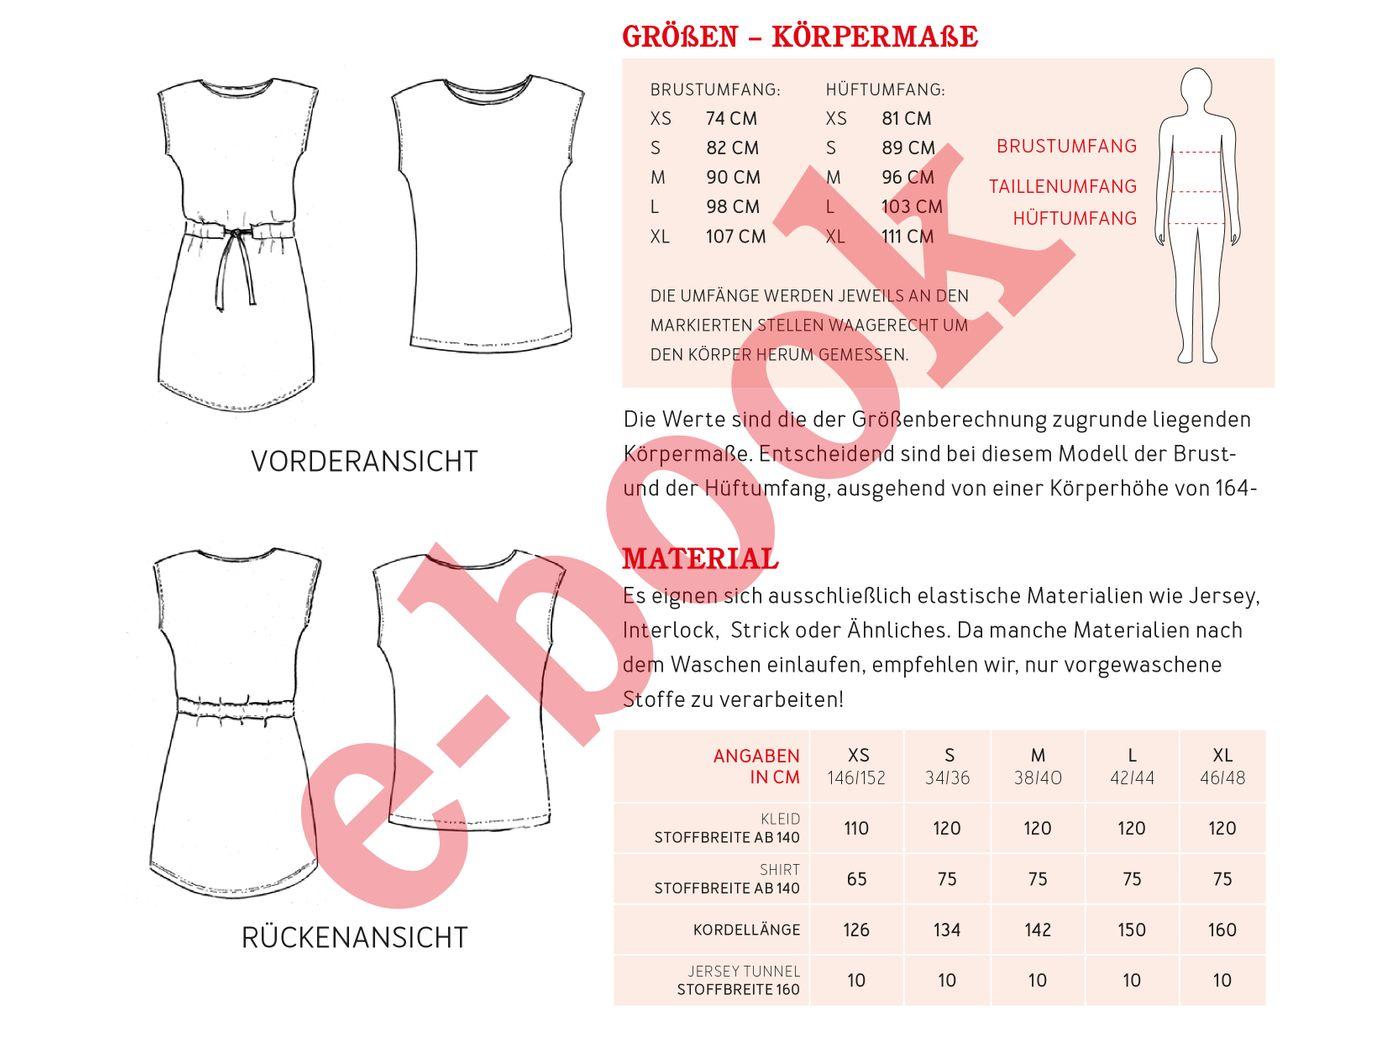 Produktfoto 4 von STUDIO SCHNITTREIF für Schnittmuster FRAU JULIE & JULIE Jerseykleider im Partnerlook